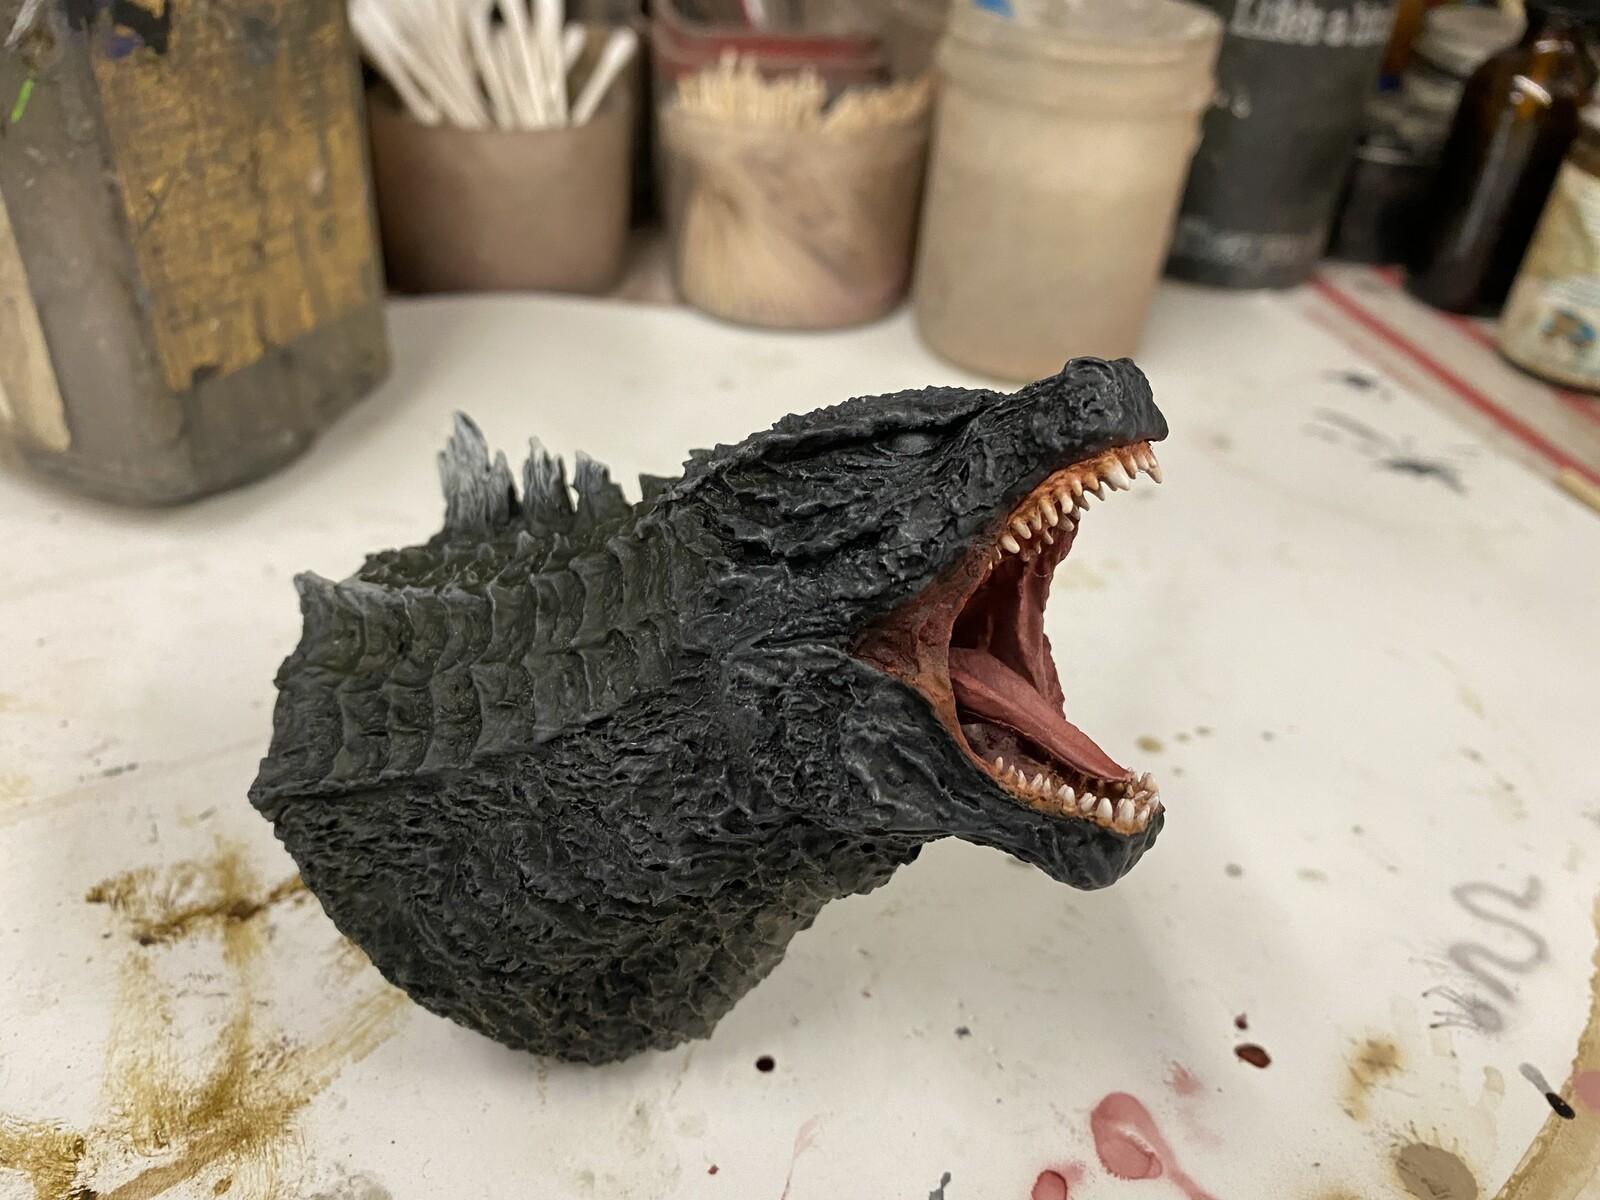 2014 Godzilla 30 cm Art Statue W.I.P .  https://www.solidart.club/